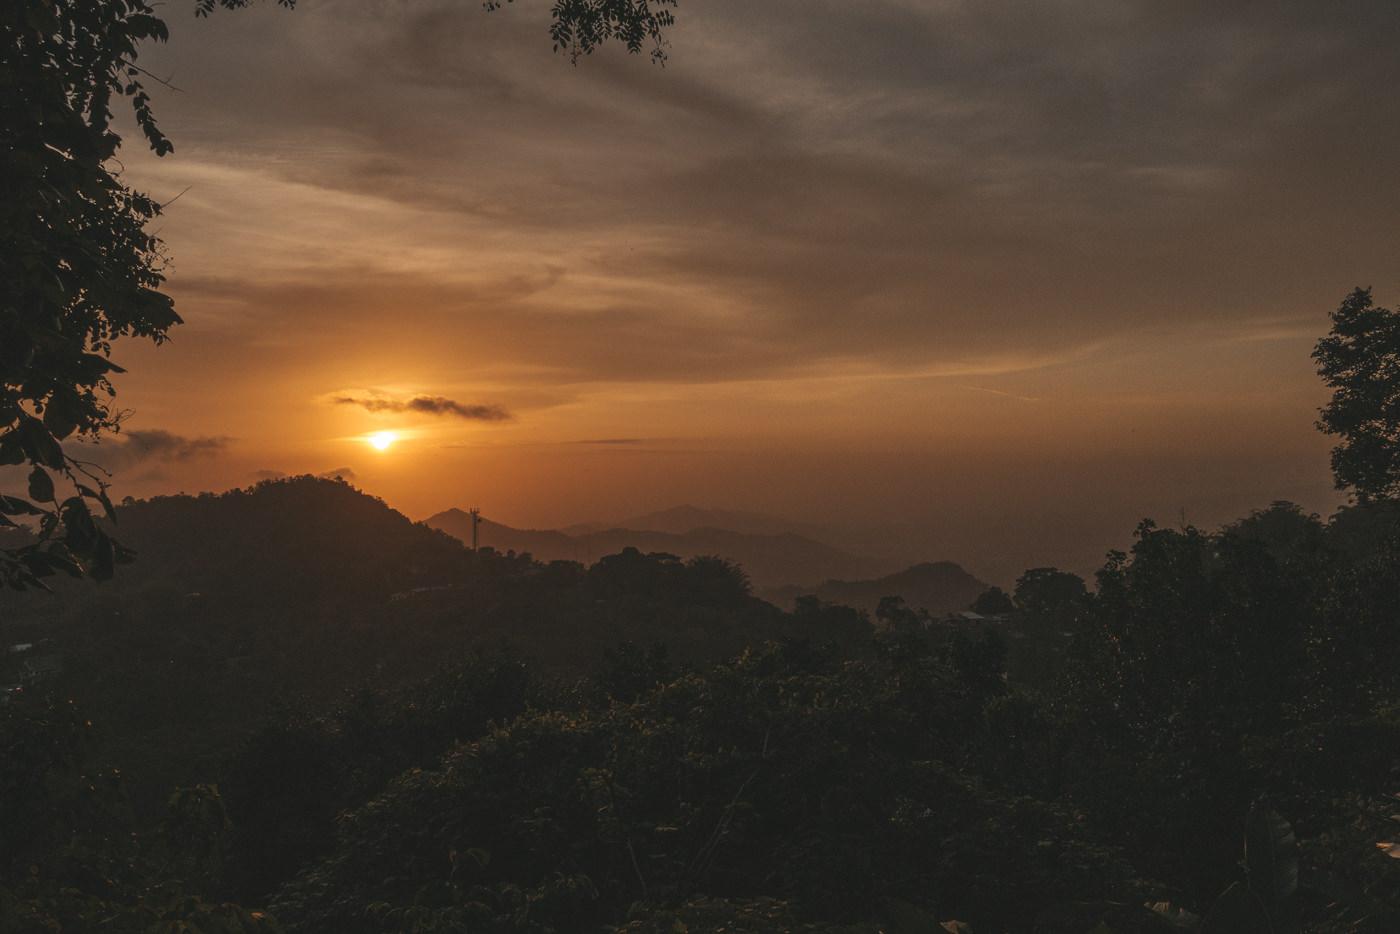 Sonnenuntergang in Minca in der Sierra Nevada